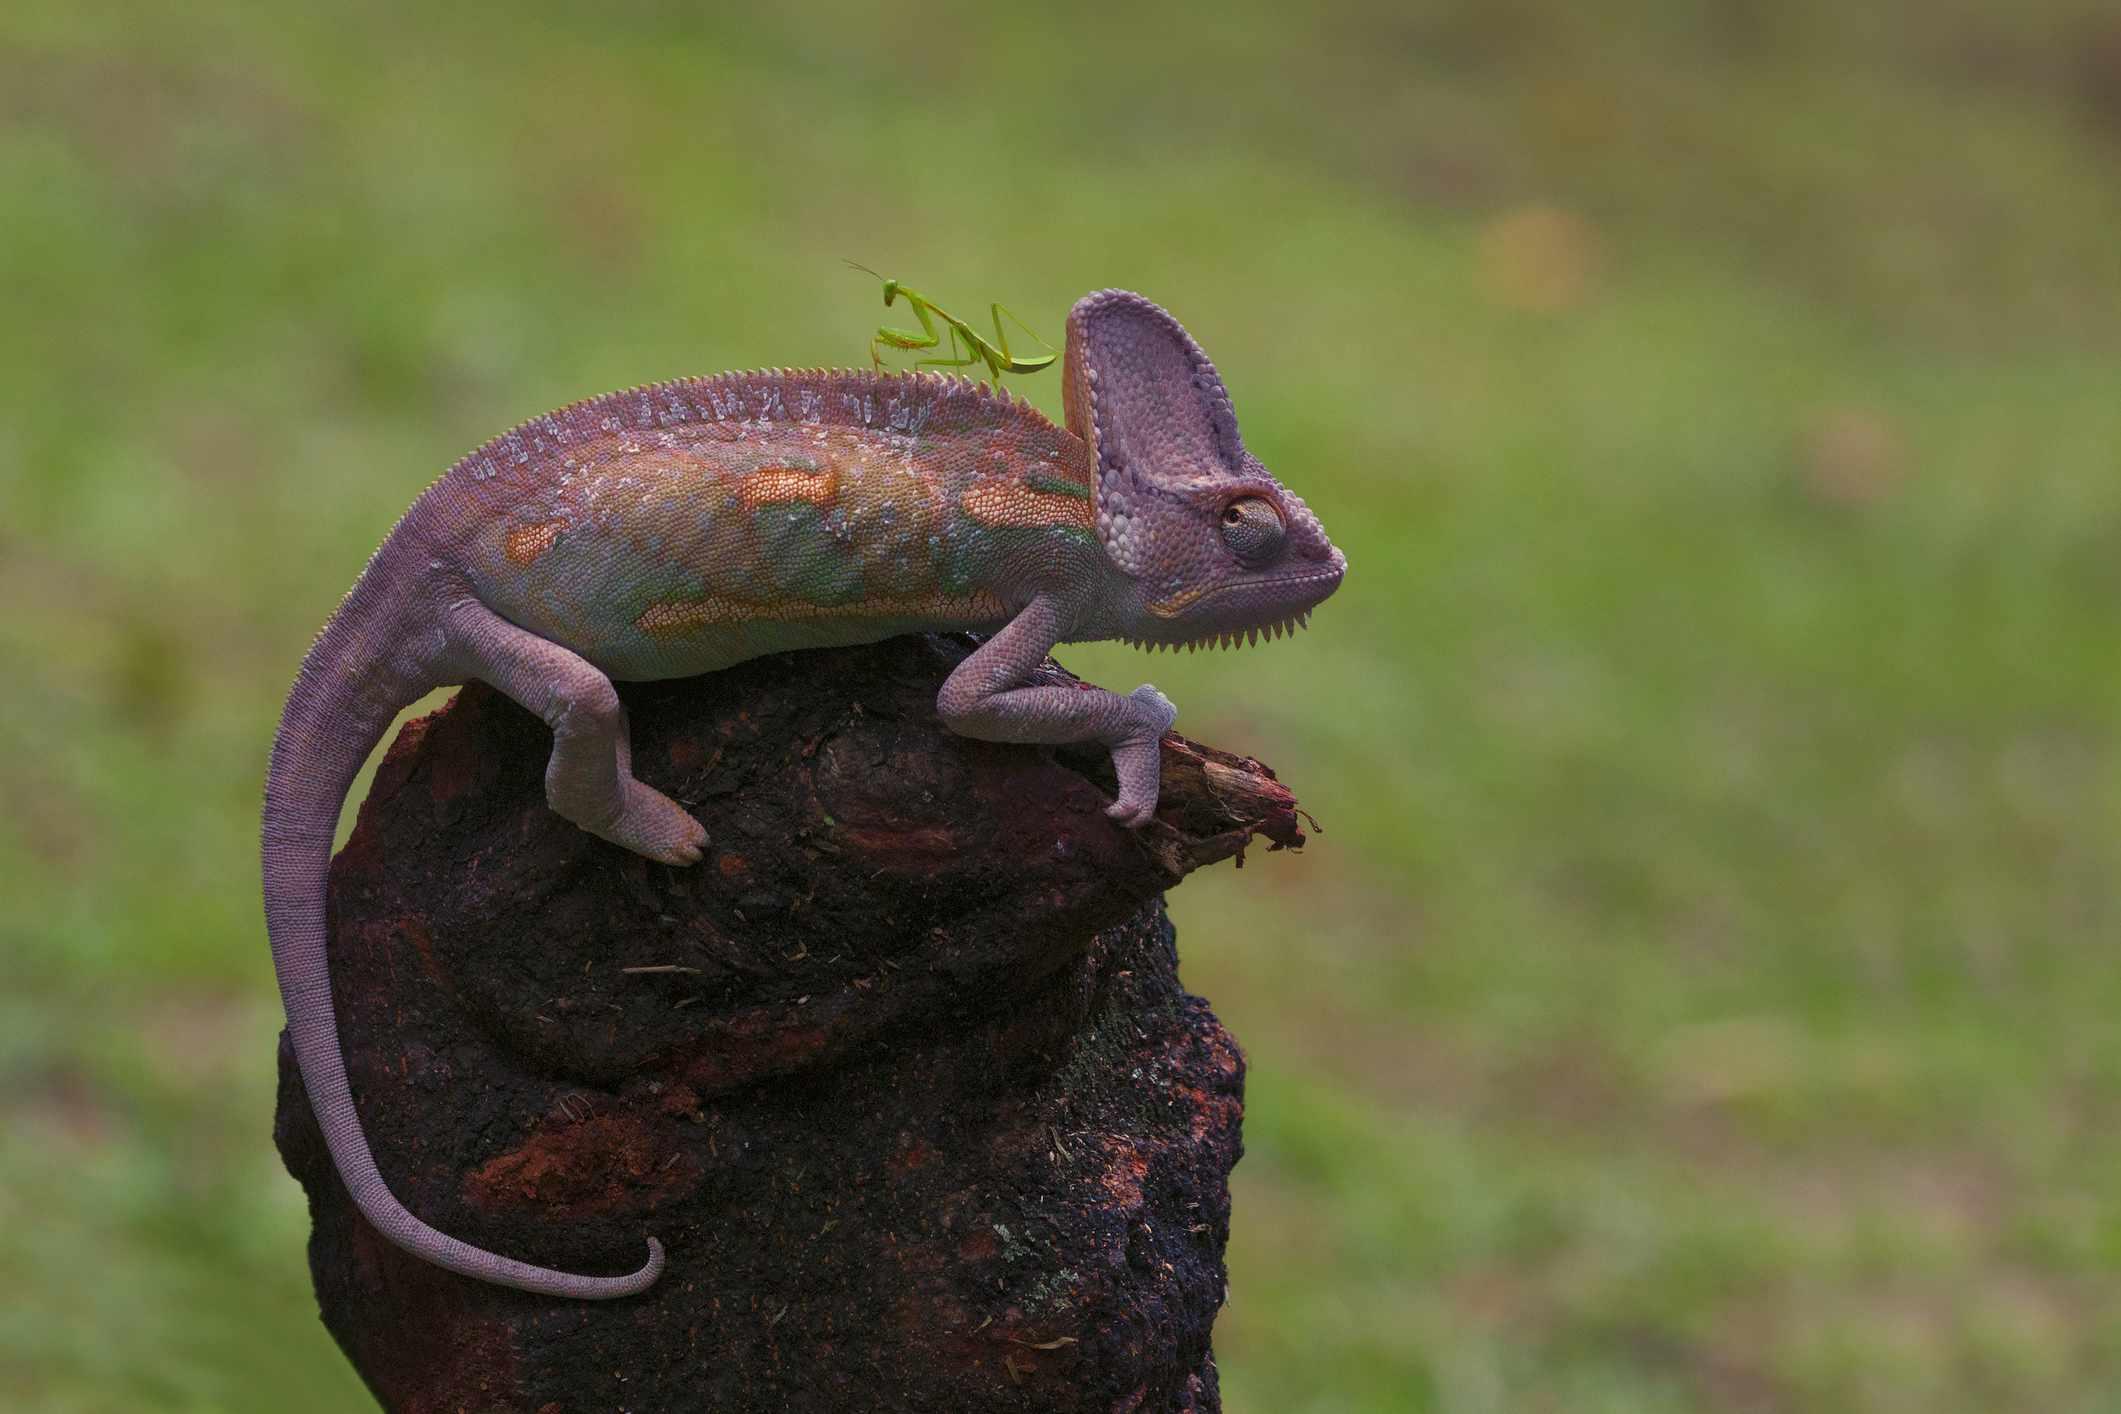 praying mantis on chameleon's back